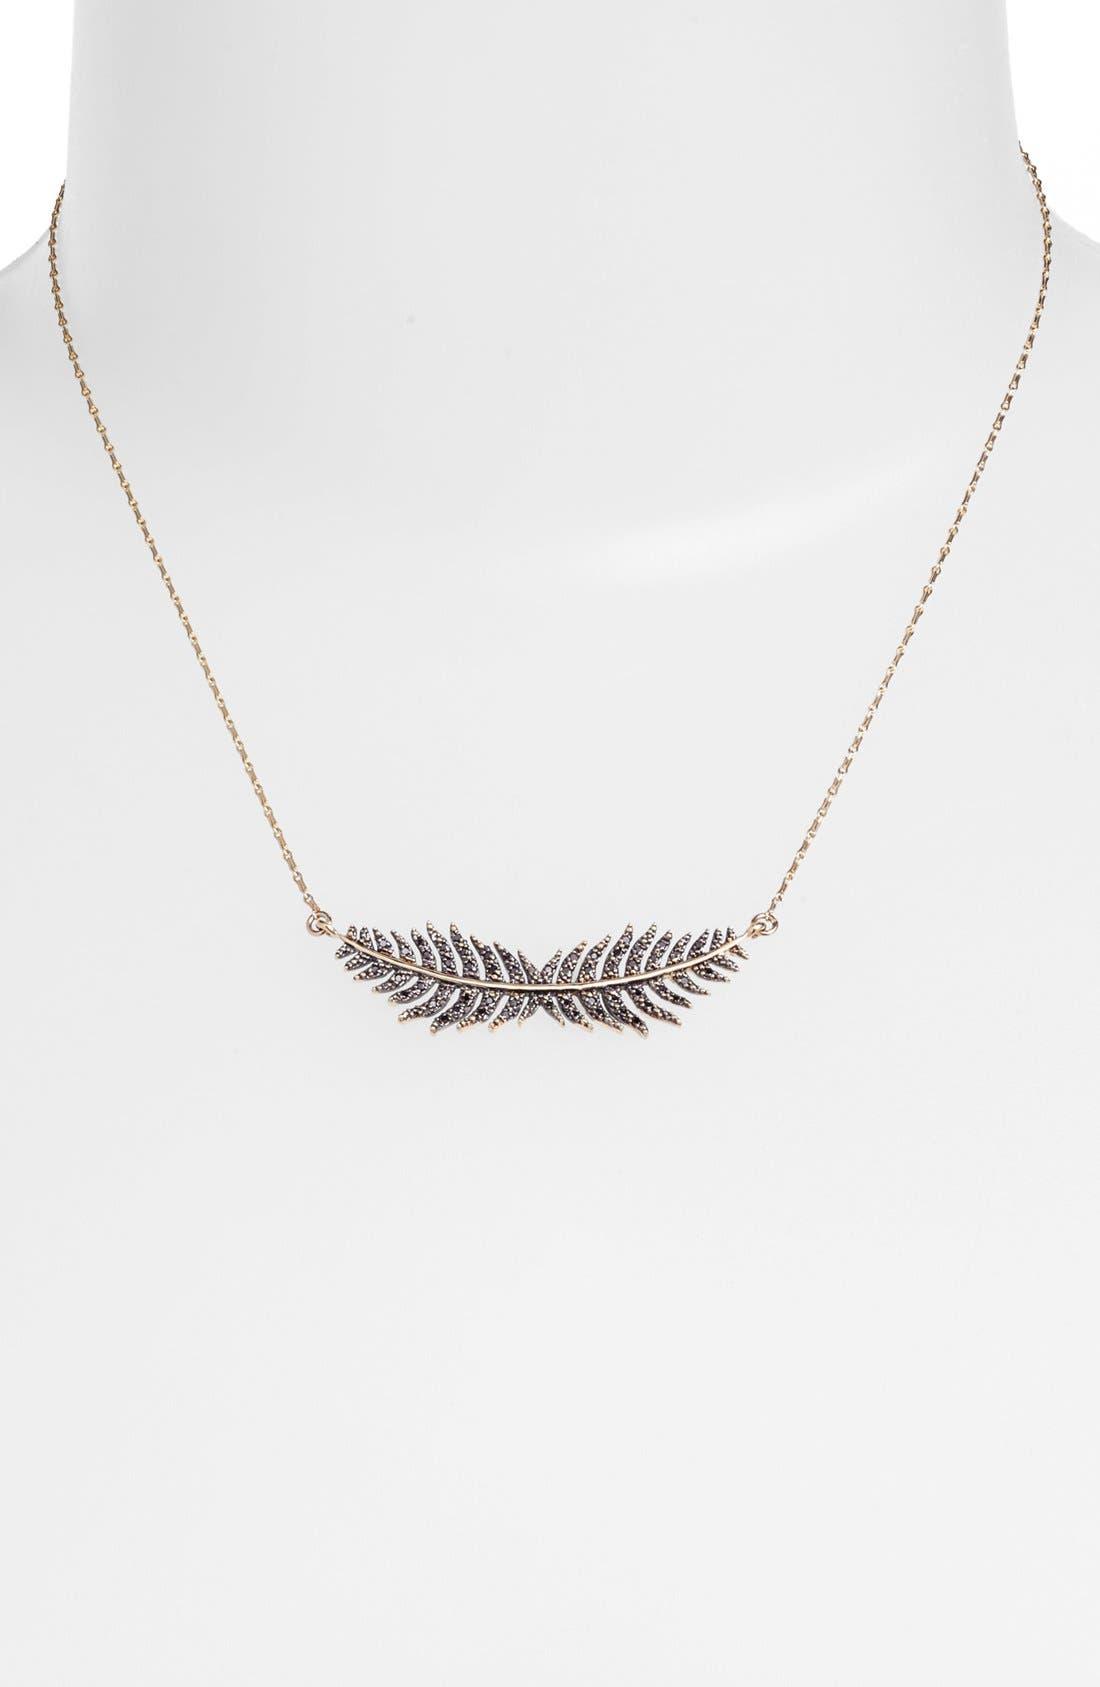 Main Image - Mizuki 'Wings of Desire' Black Diamond Feather Pendant Necklace